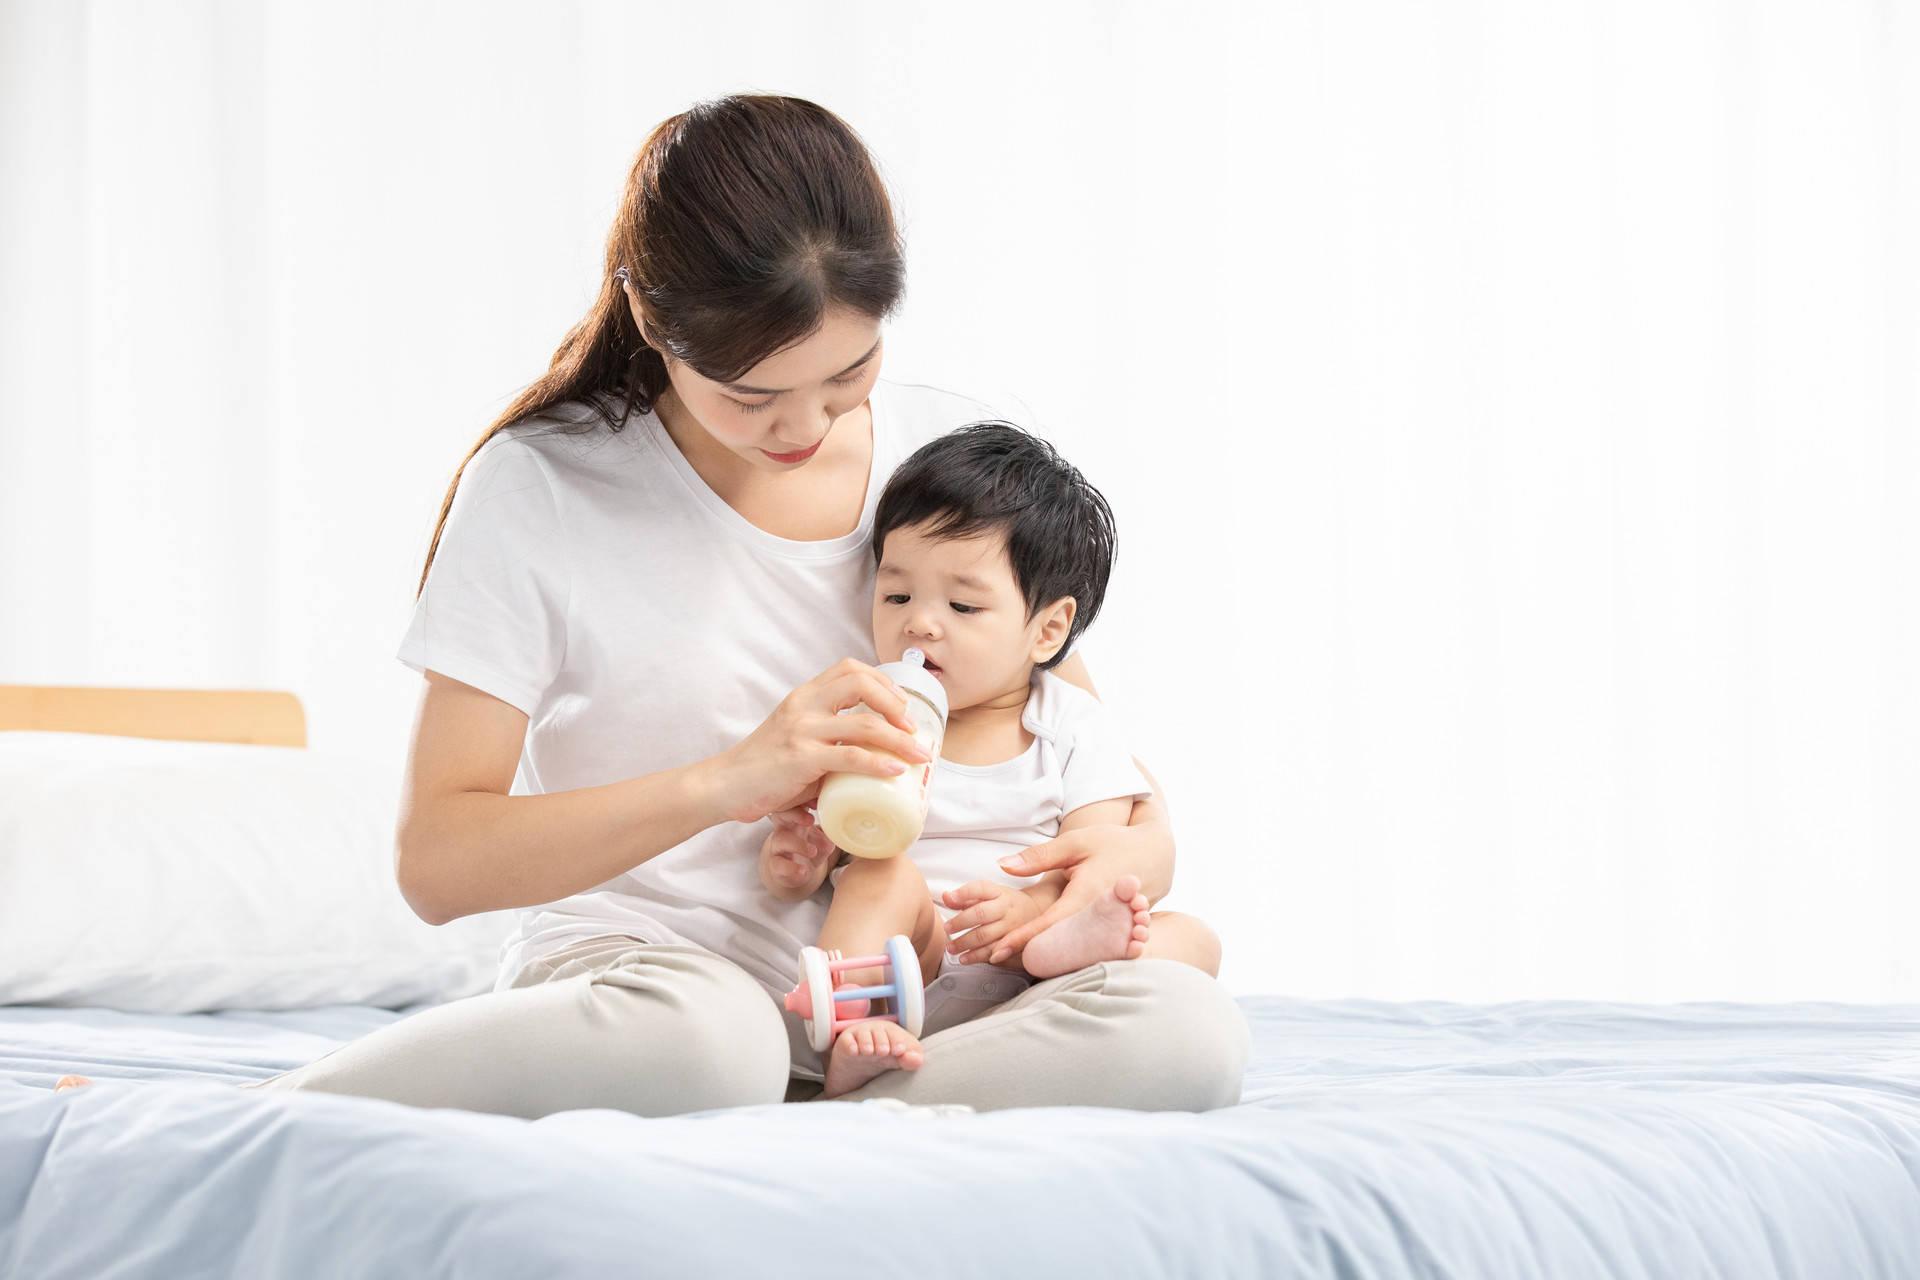 奶粉喂养的宝宝,妈妈容易犯七个错误,浪费钱还让娃难长高